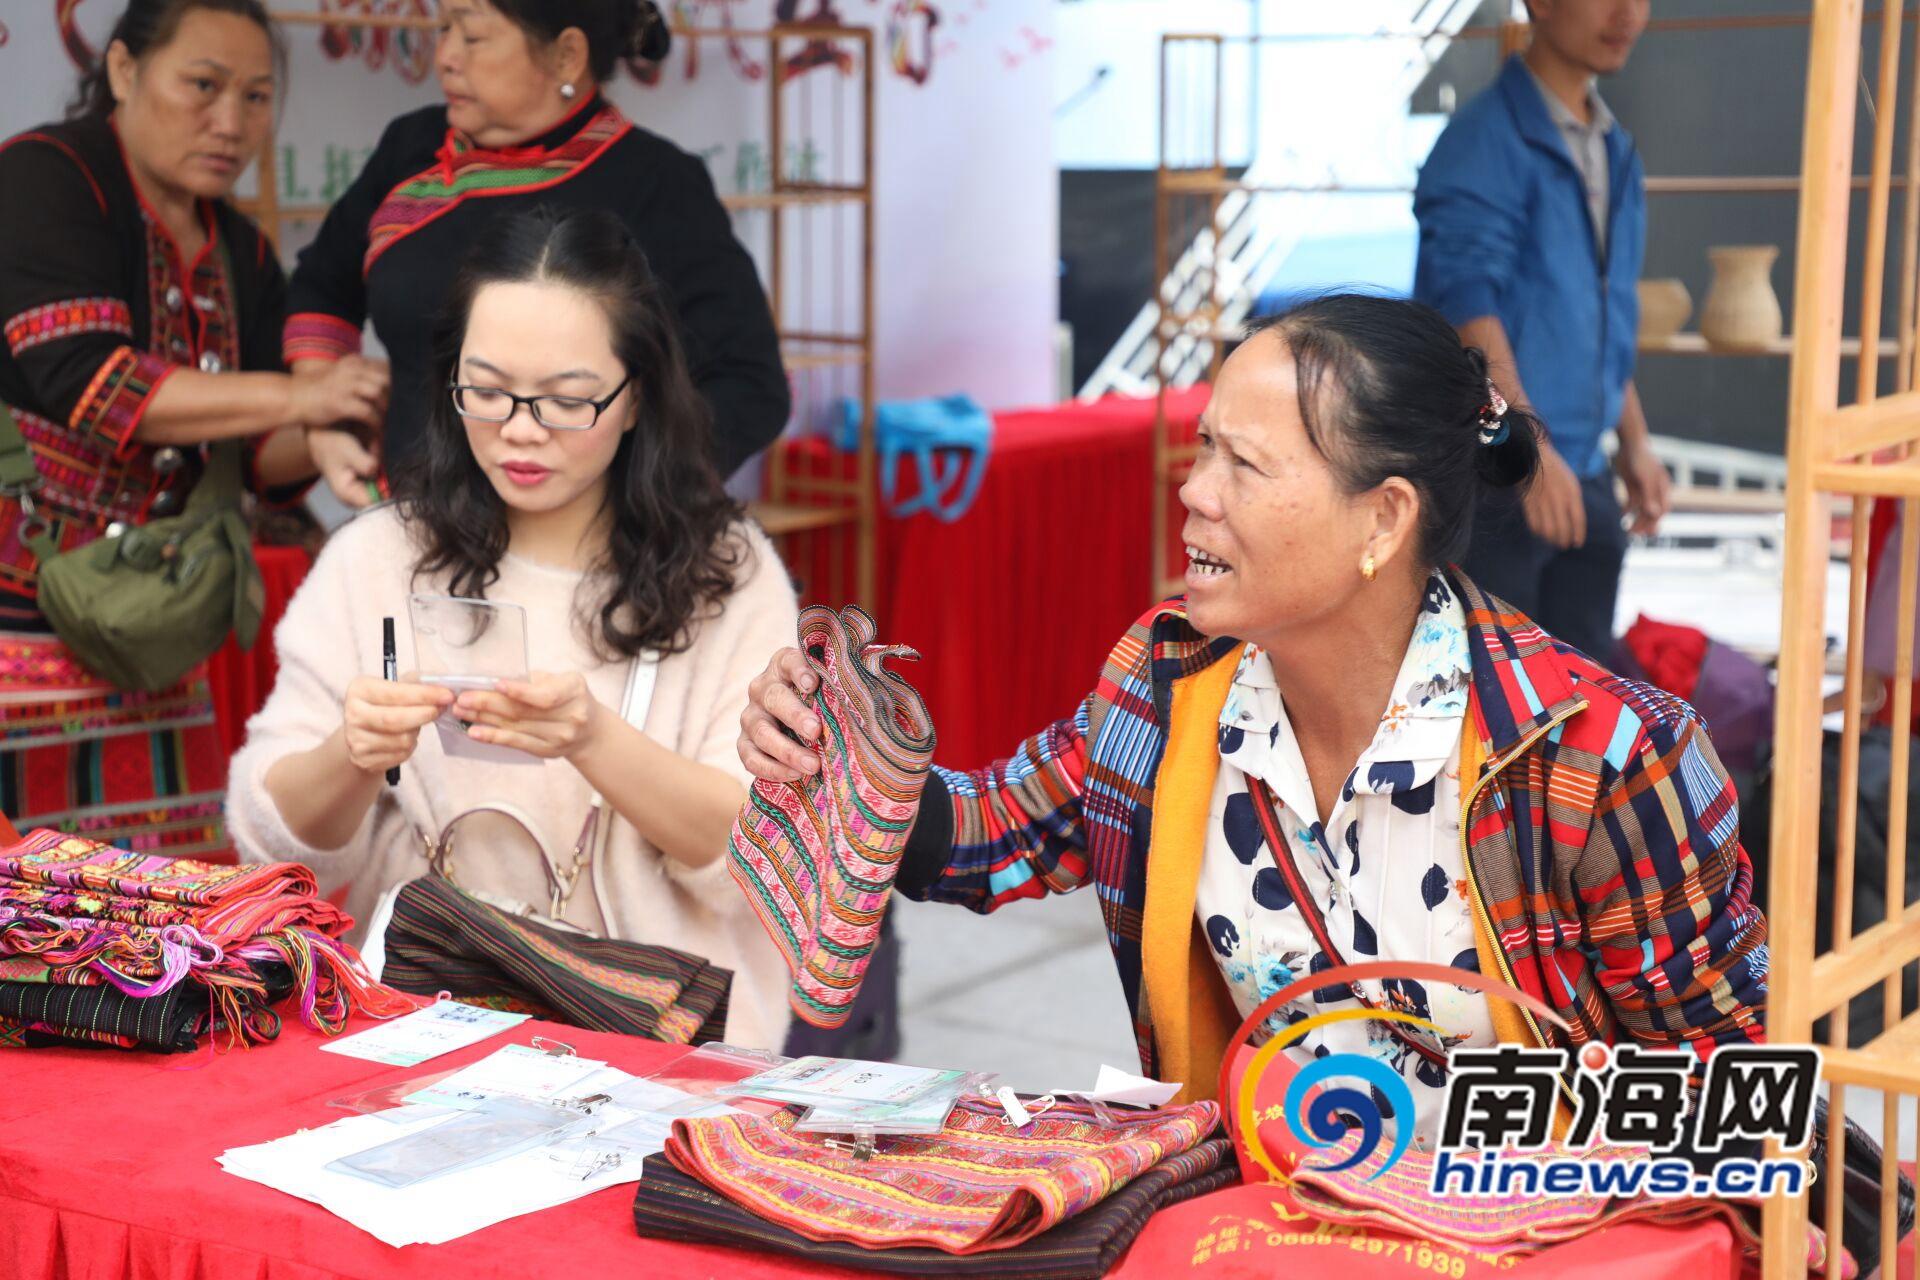 组图 美得不一般黎族传统纺染织绣亮相保亭爱心消费扶贫集市